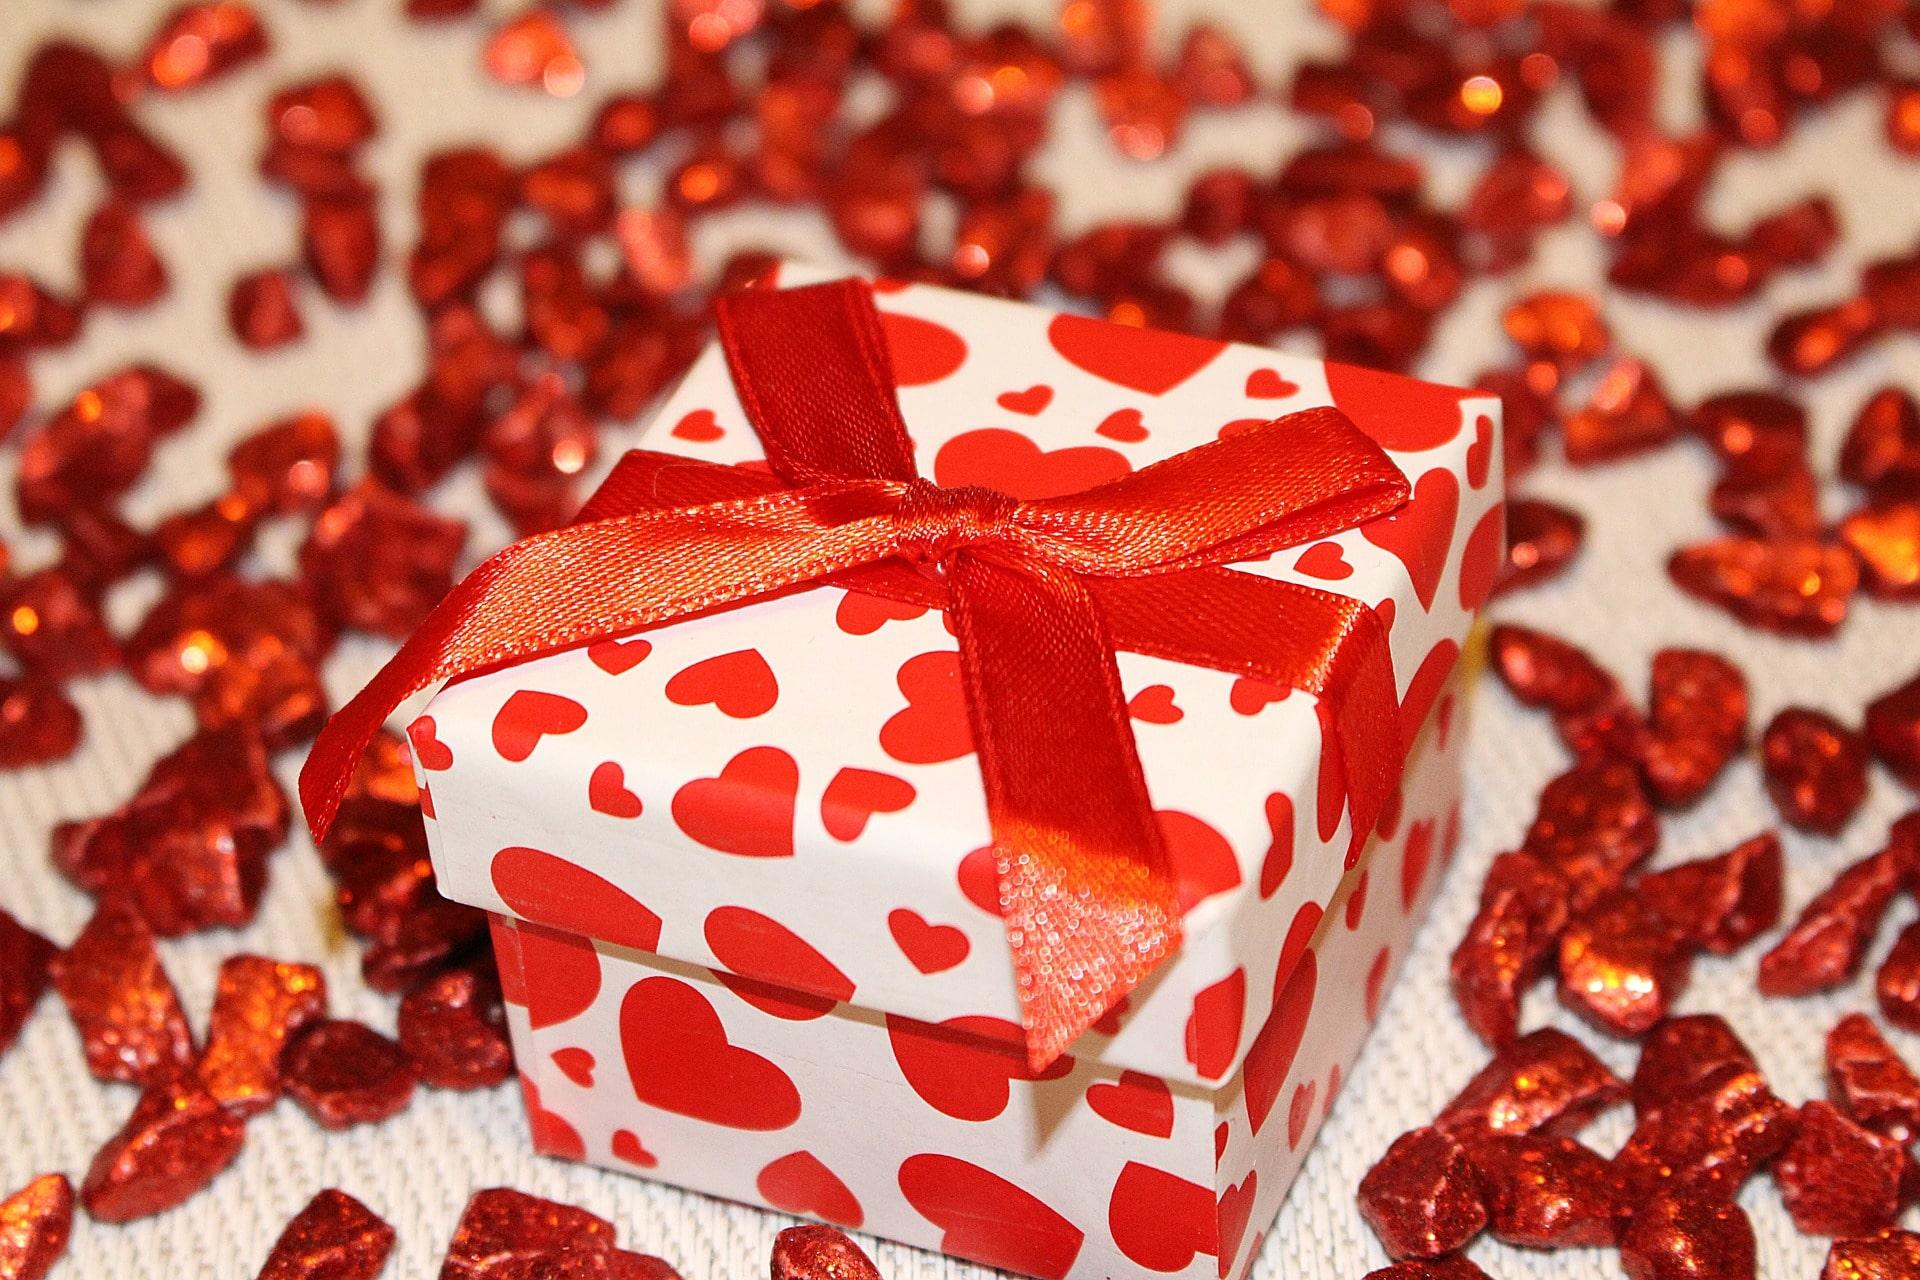 Saint valentin : comment faire plaisir à votre moitié ?